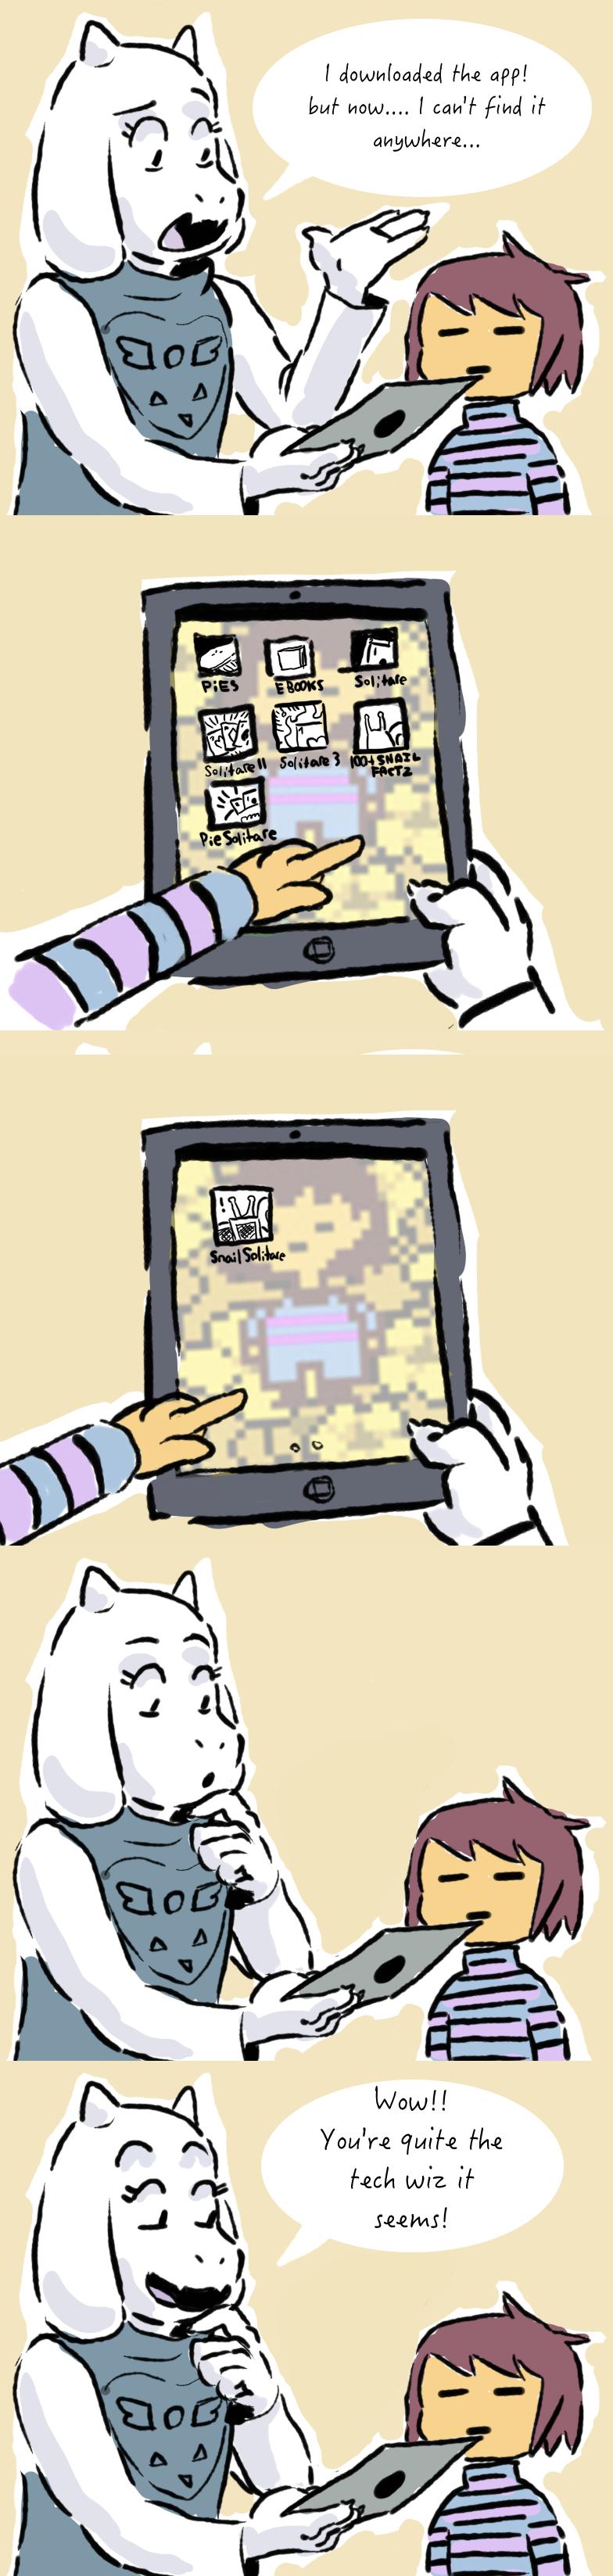 Undertale   Toriels Tablet Troubles by DeydW 784x3295